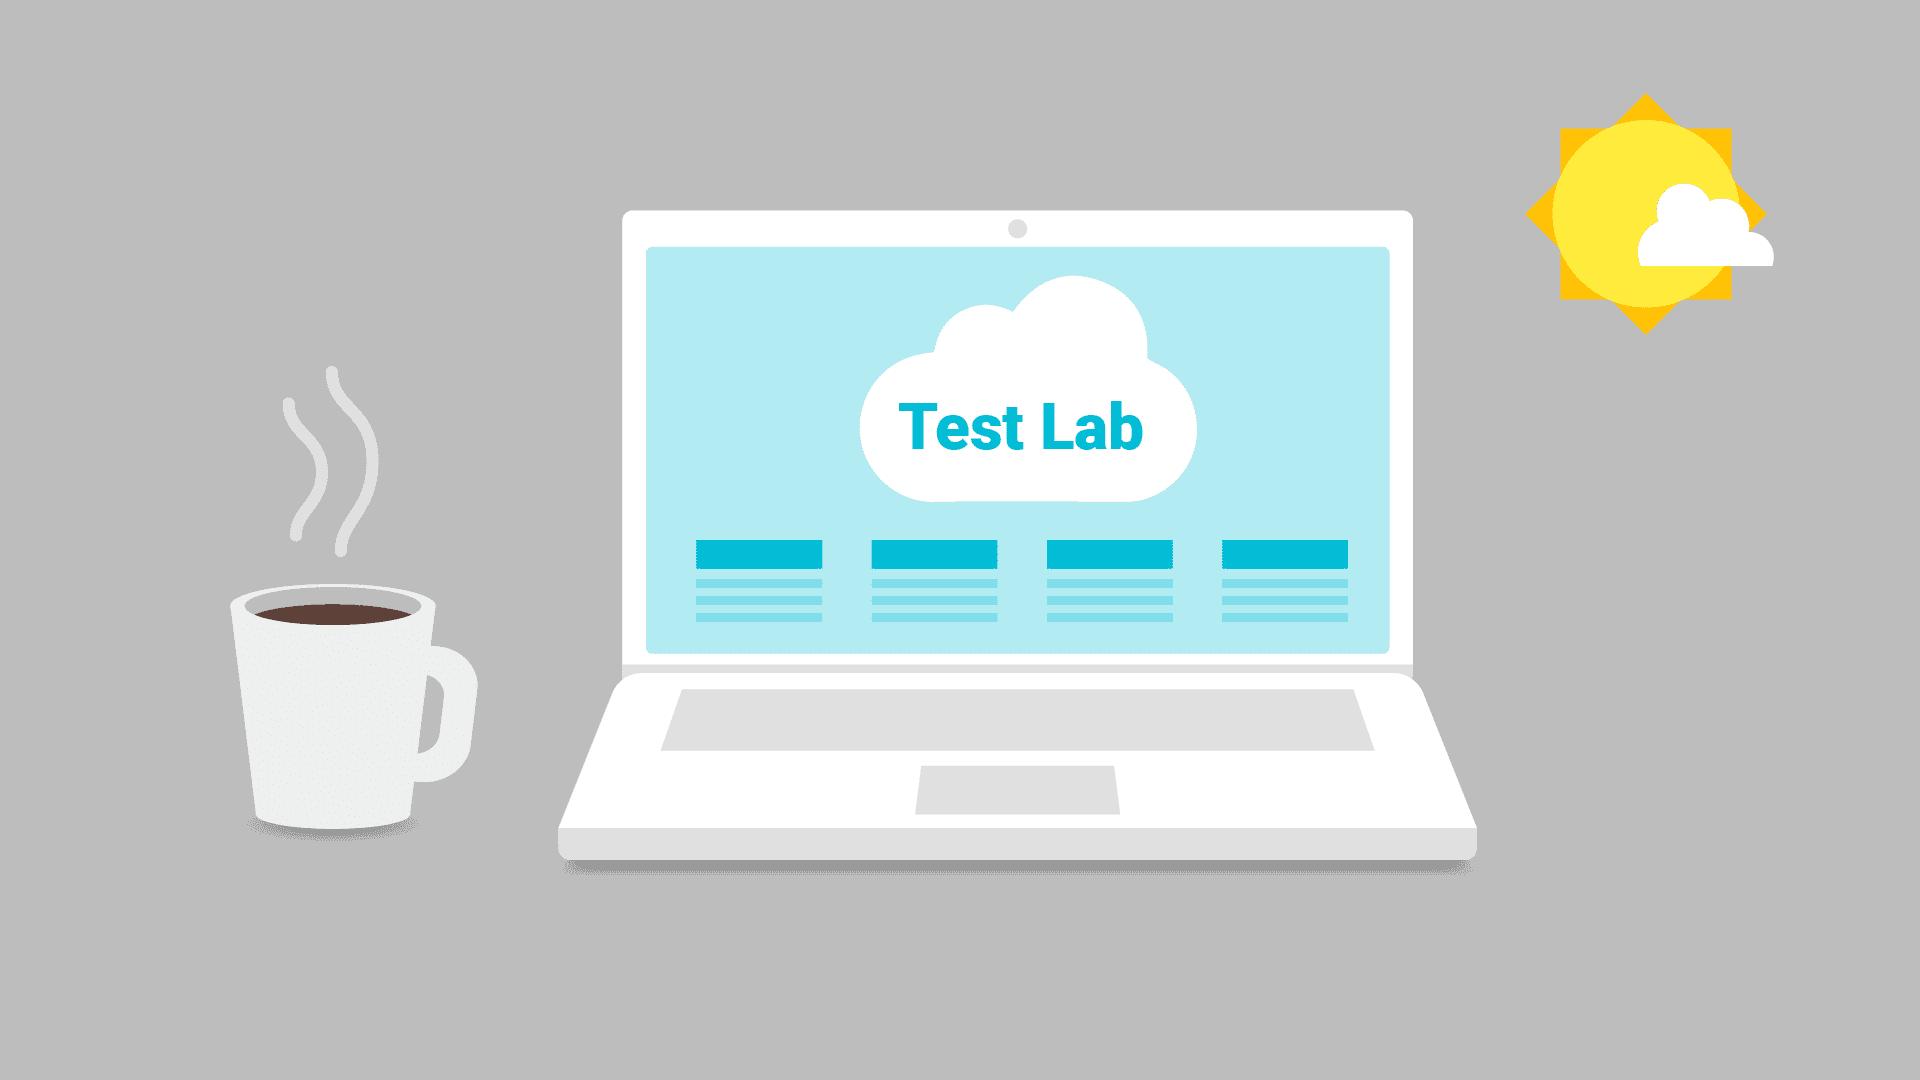 屏幕上显示测试实验室的笔记本电脑